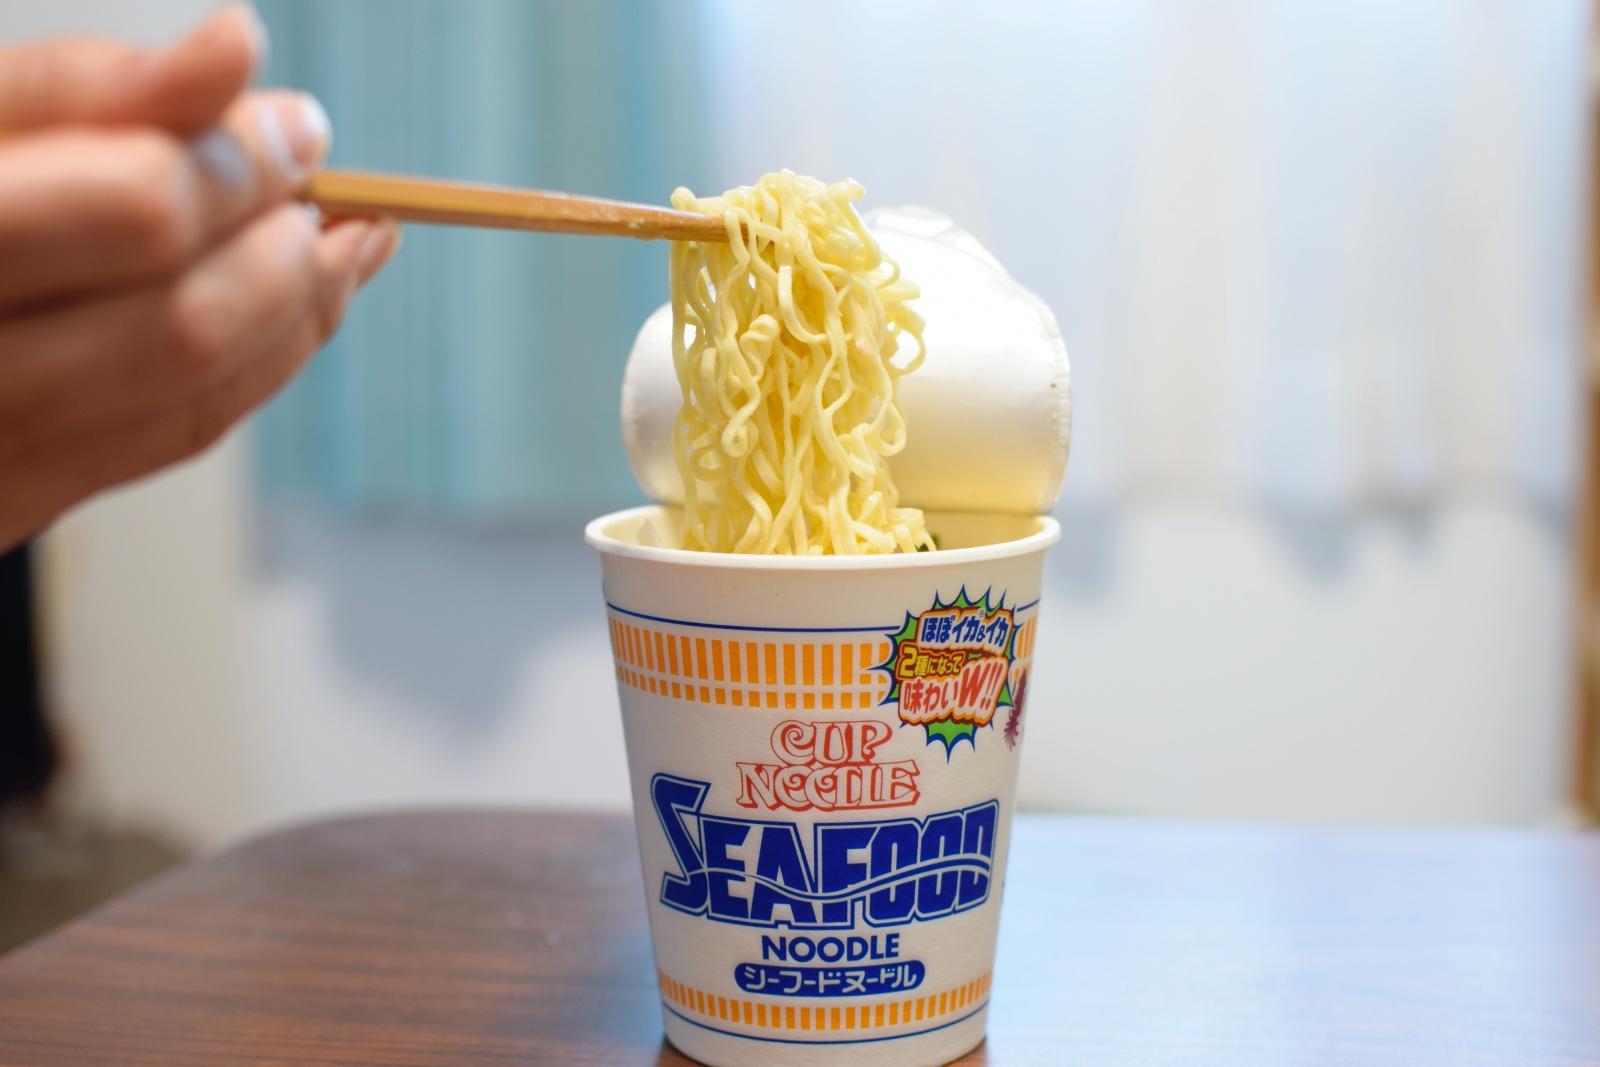 カップラーメン シーフード味